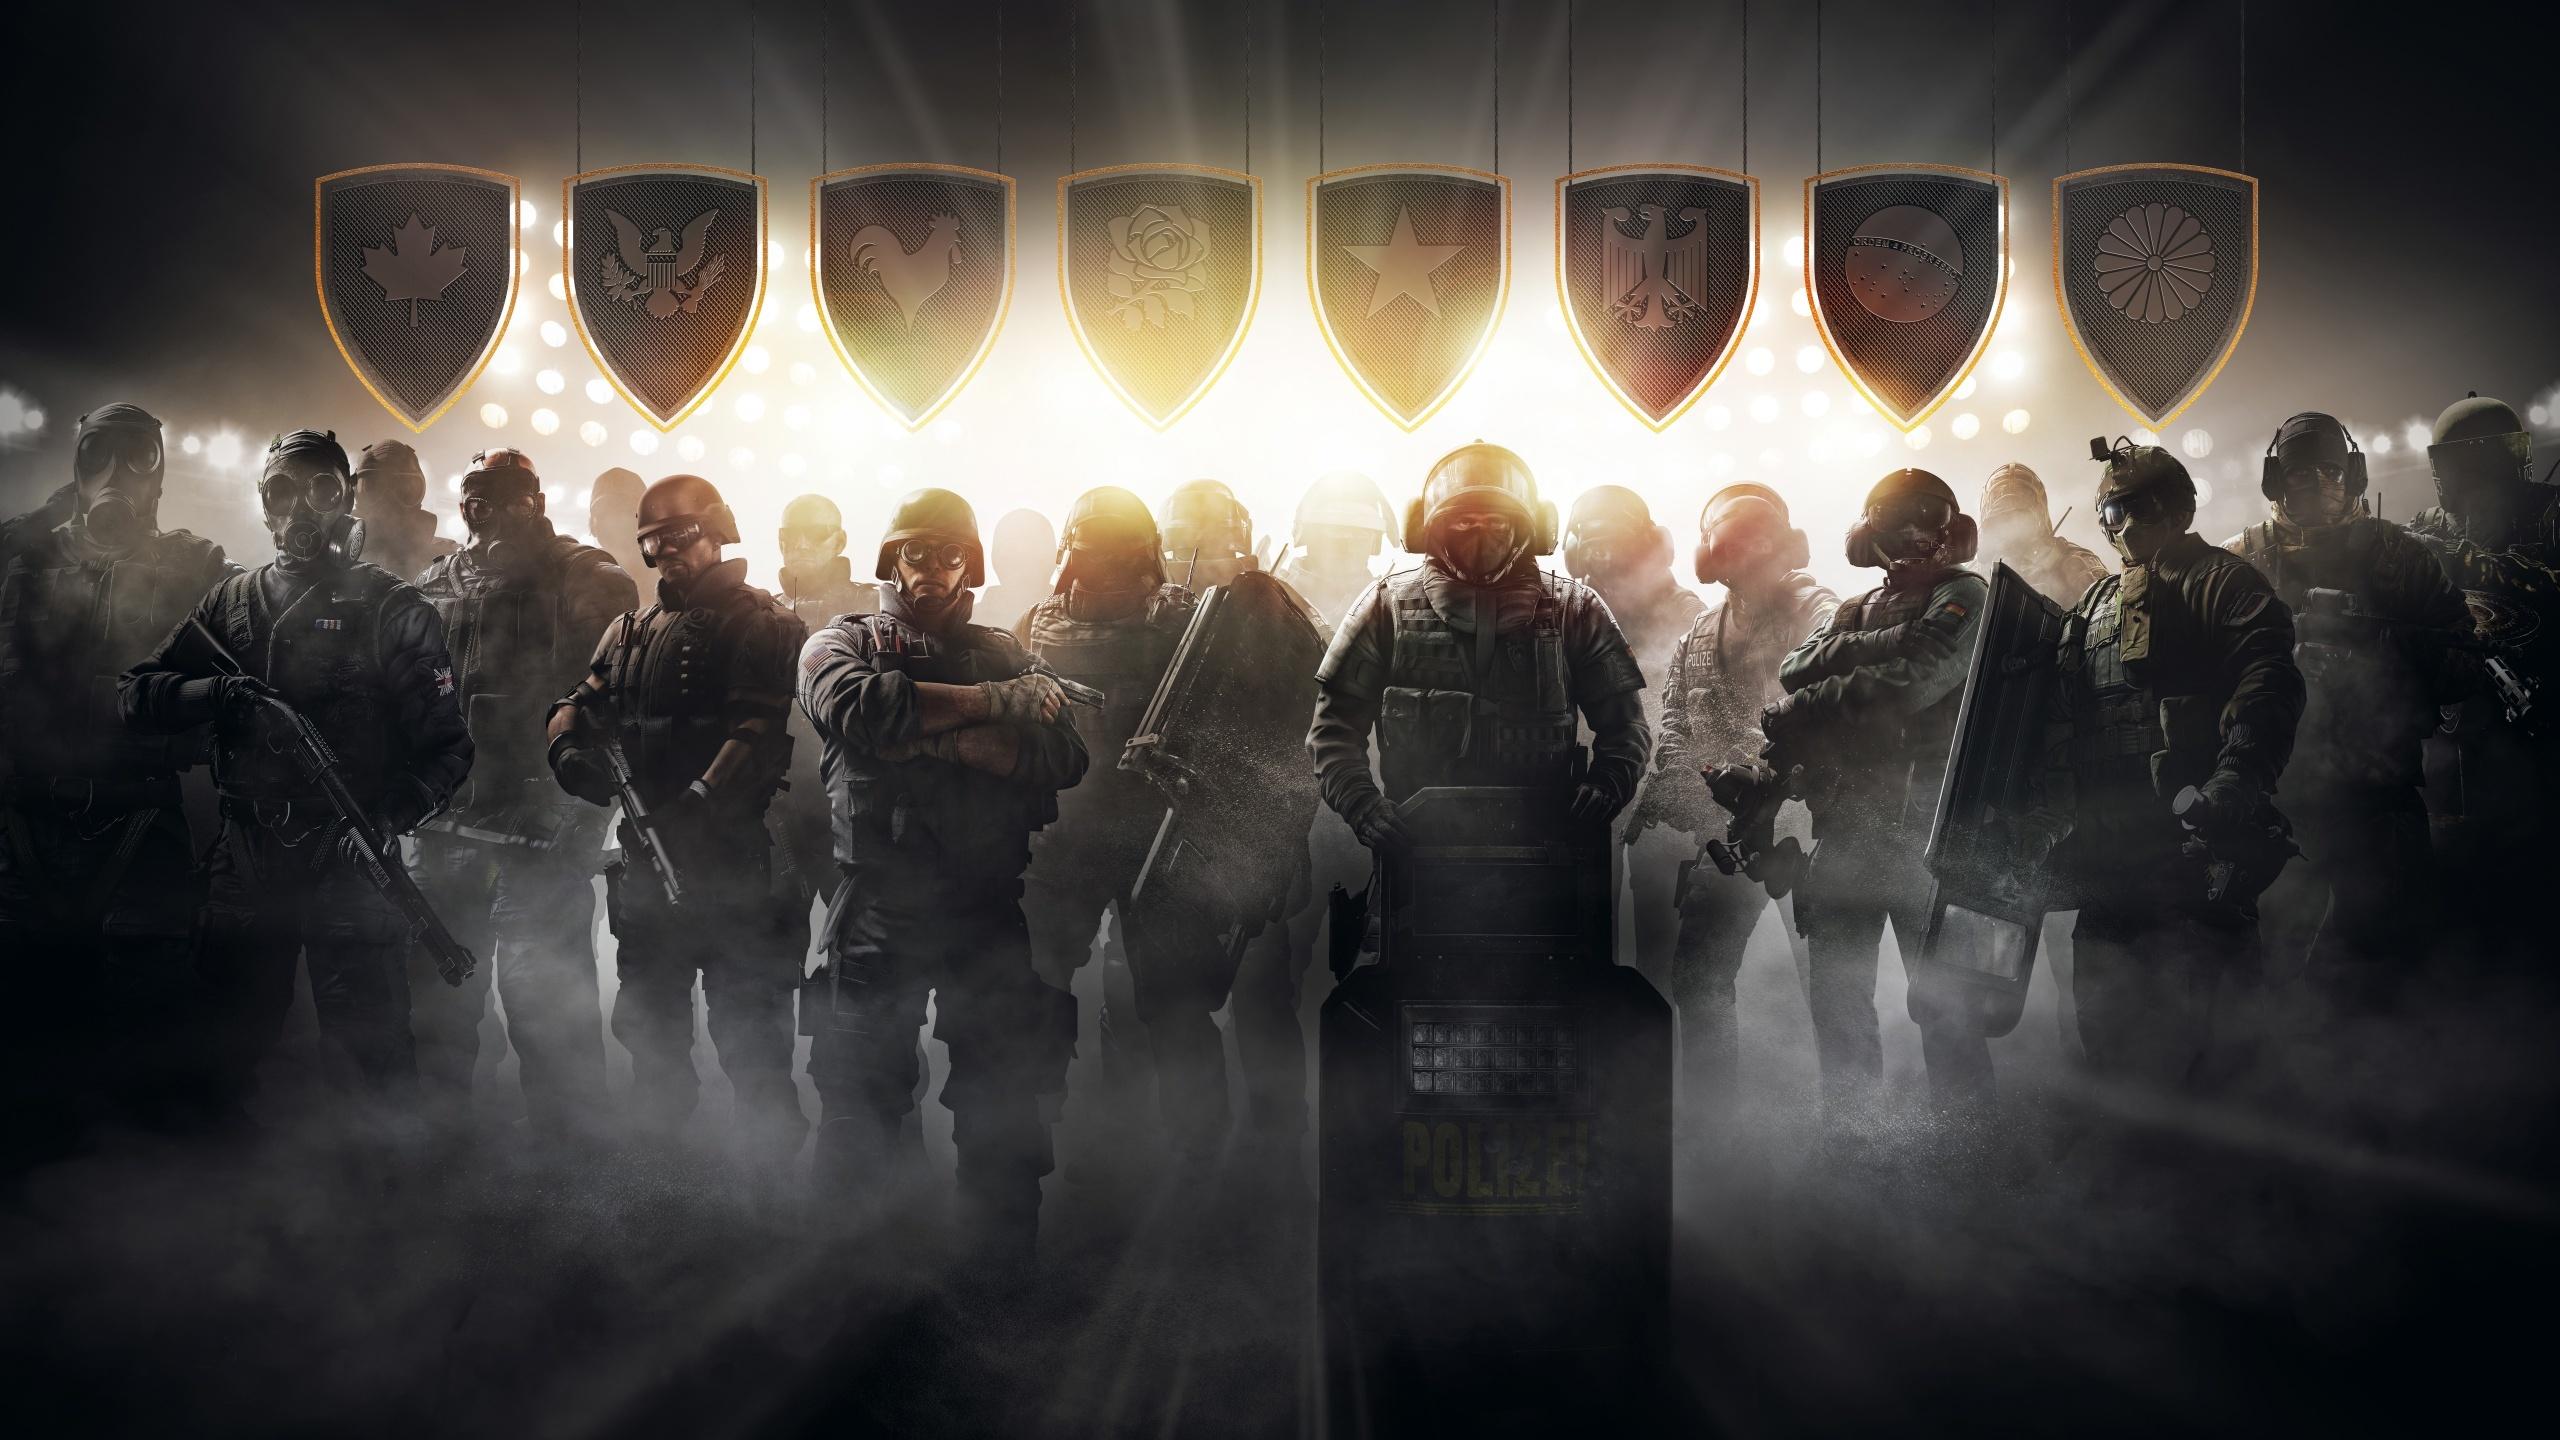 ชื่อเสียงของทีมไทยในการแข่งขัน Tom Clancy's Rainbow Six Siege ระดับนานาชาติ